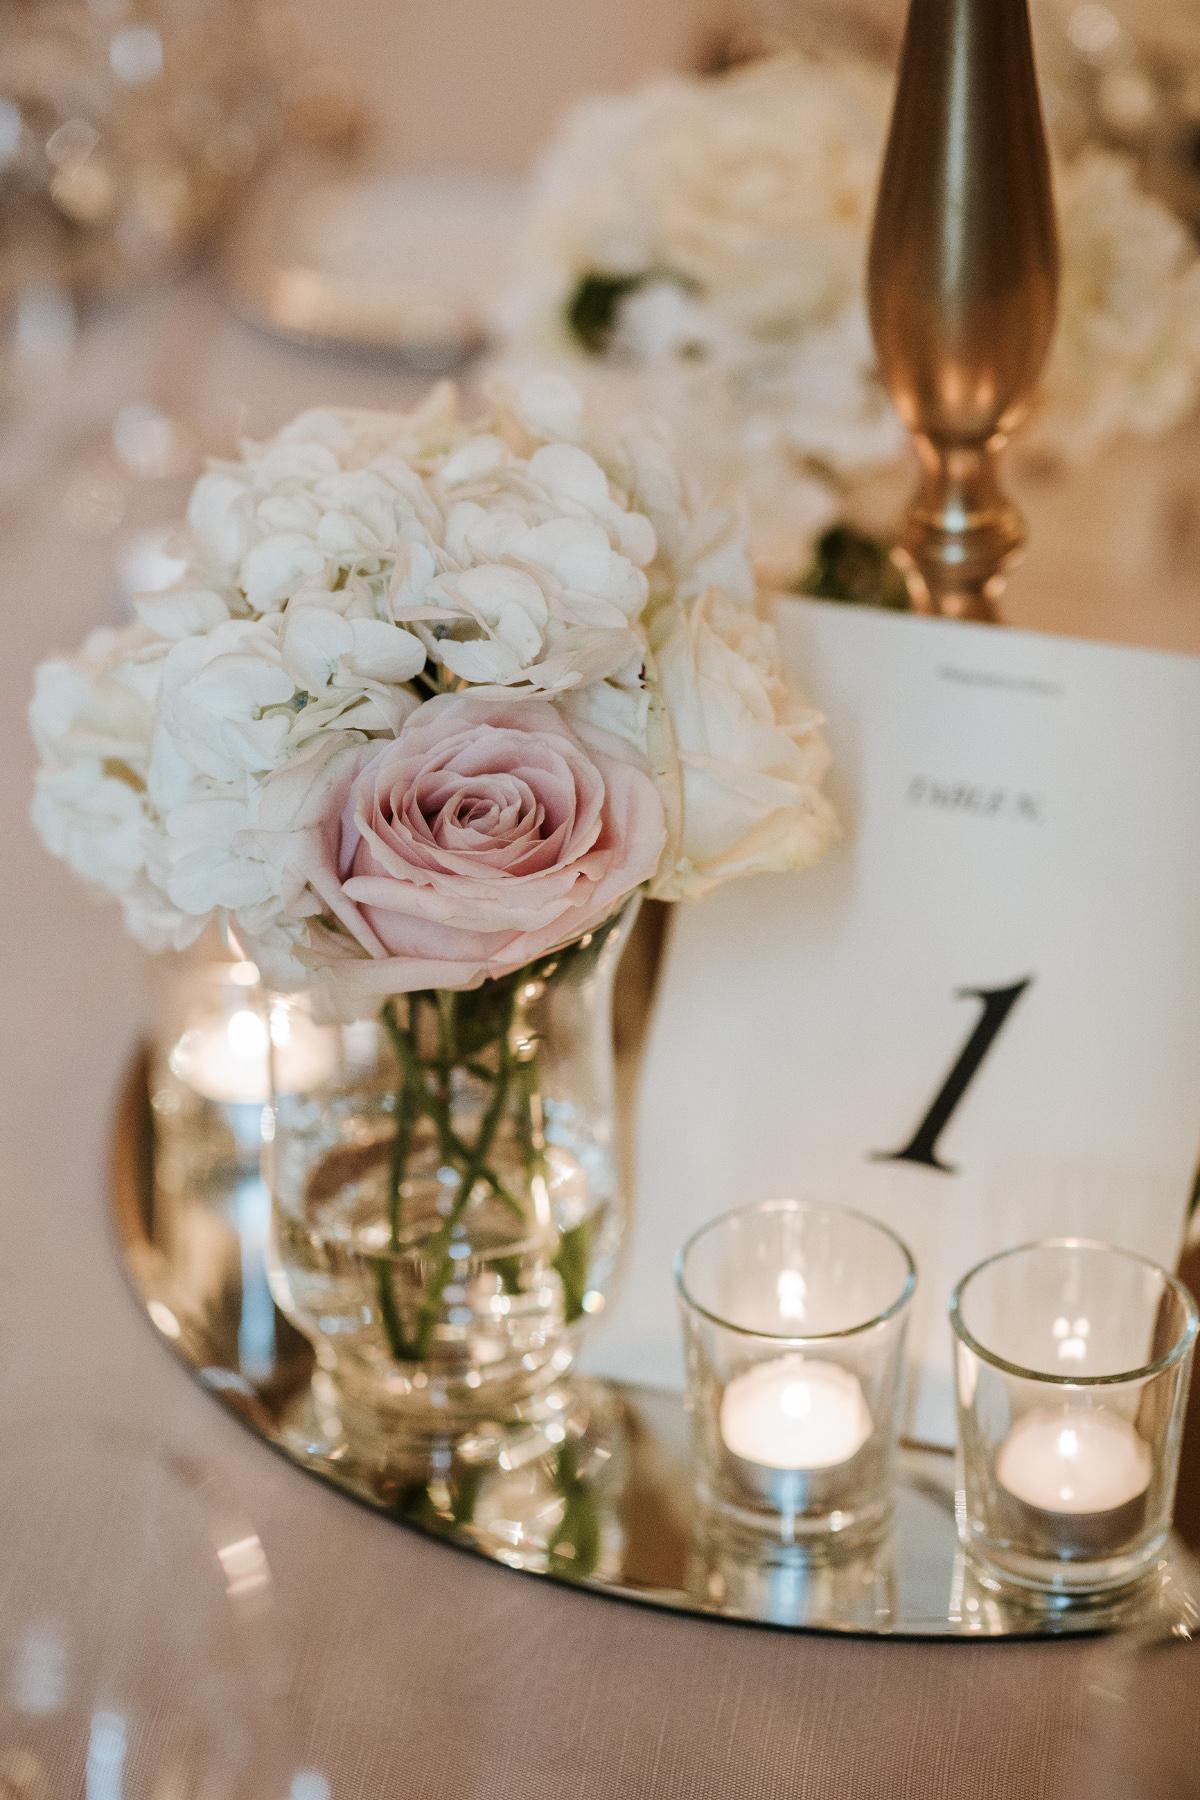 wedding-centertable-flowers-florence-tuscany